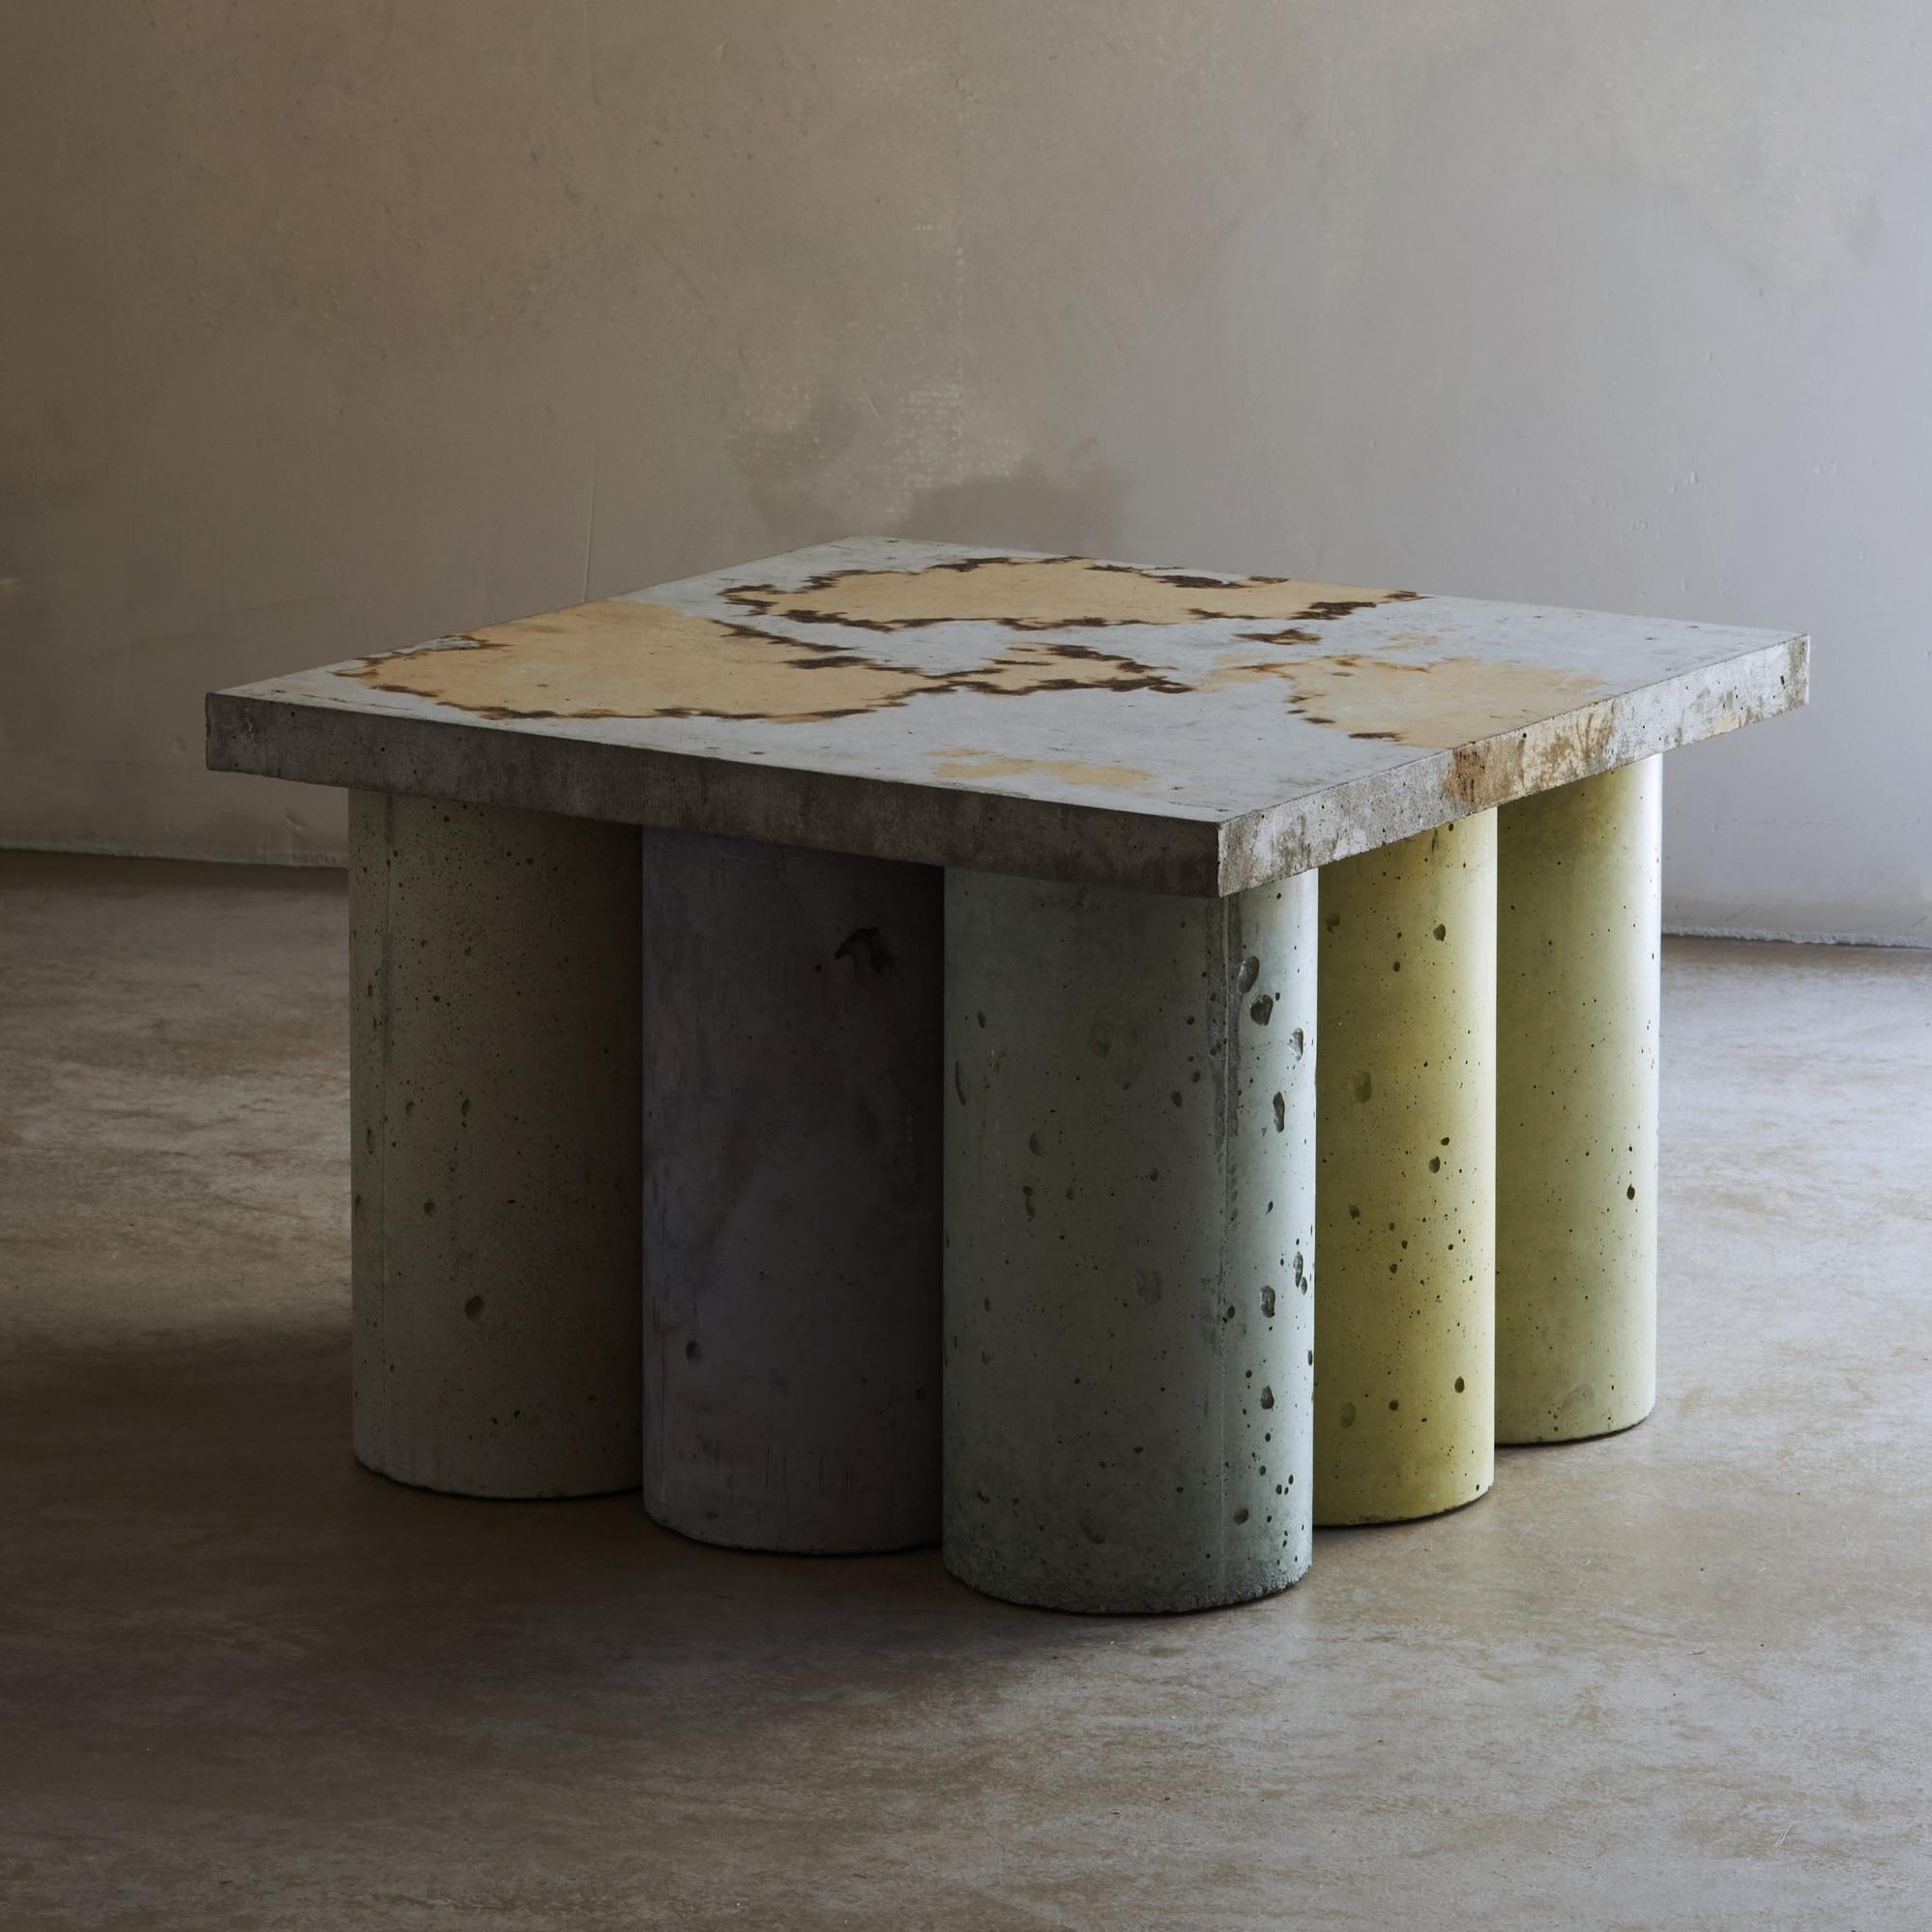 A part - Pettersen & Hein - Concrete Table